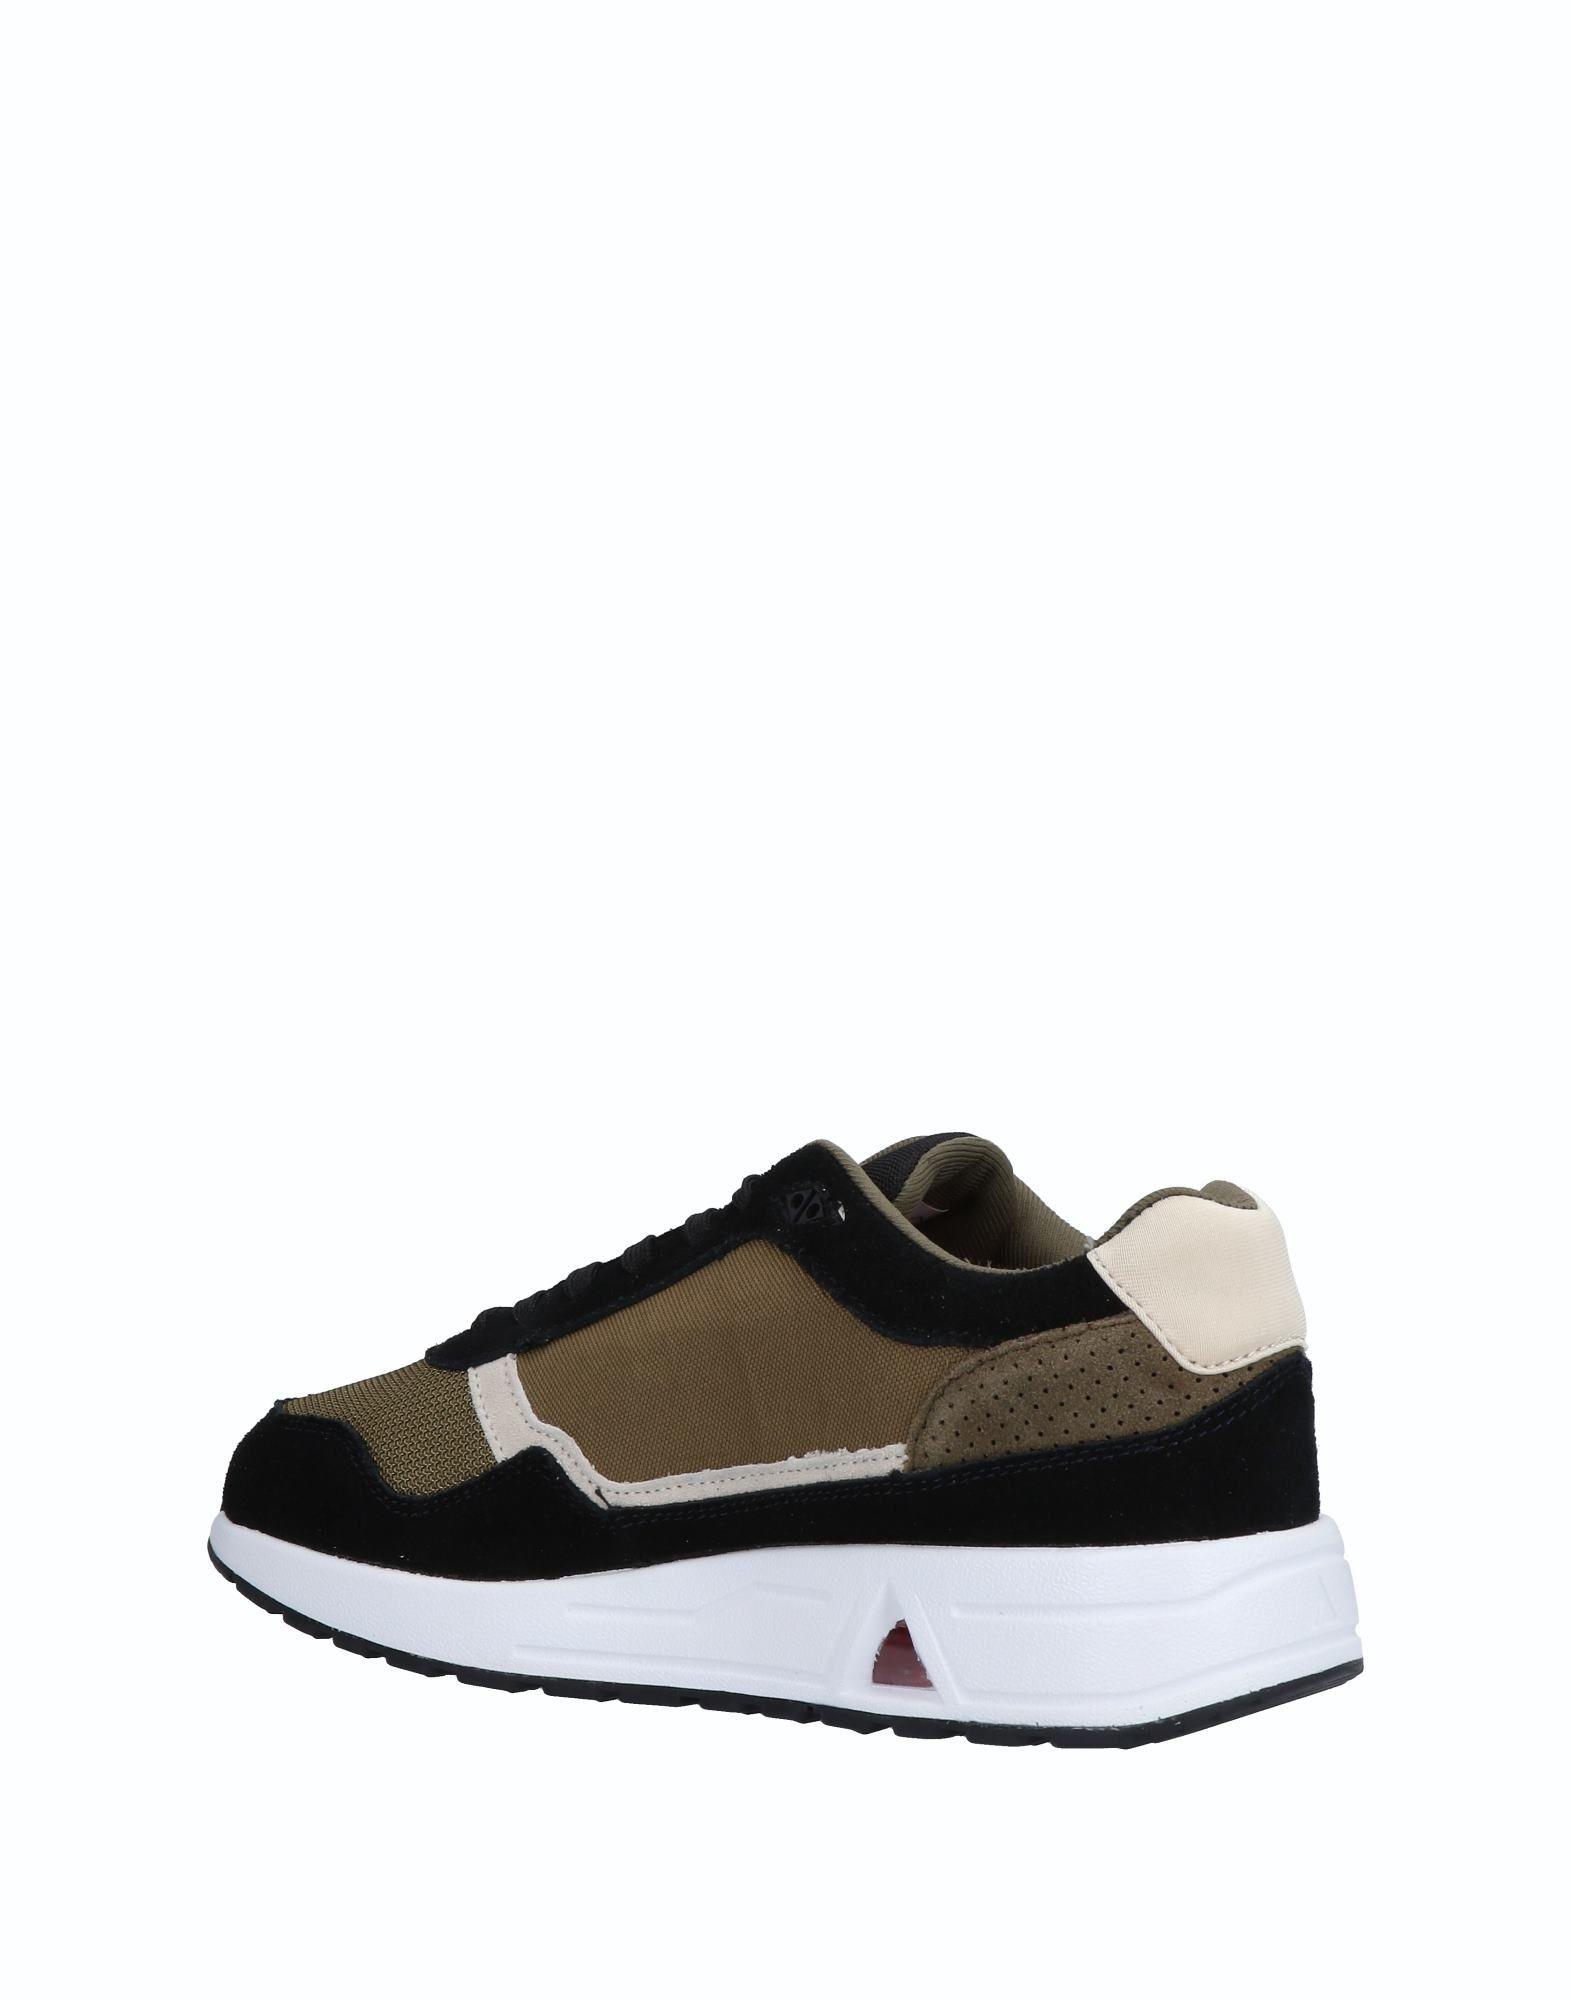 Rabatt echte Sneakers Schuhe Asfvlt Sneakers echte Herren  11506752OW ad7246